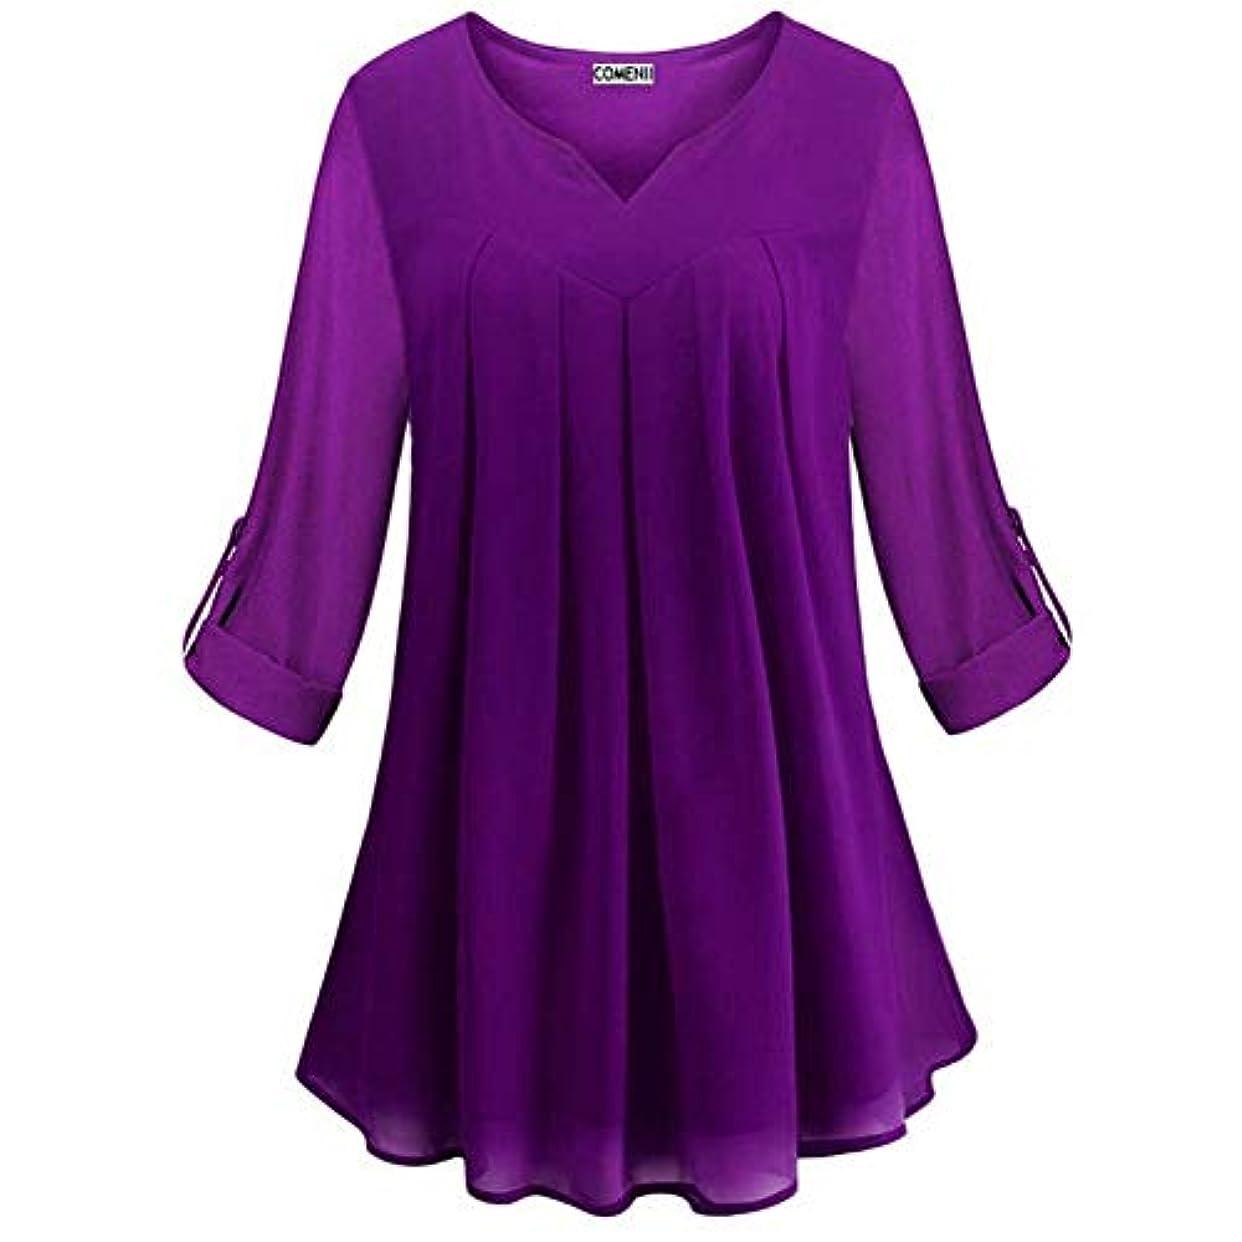 議論する沿って別れるMIFAN の女性のドレスカジュアルな不規則なドレスルースサマービーチTシャツドレス